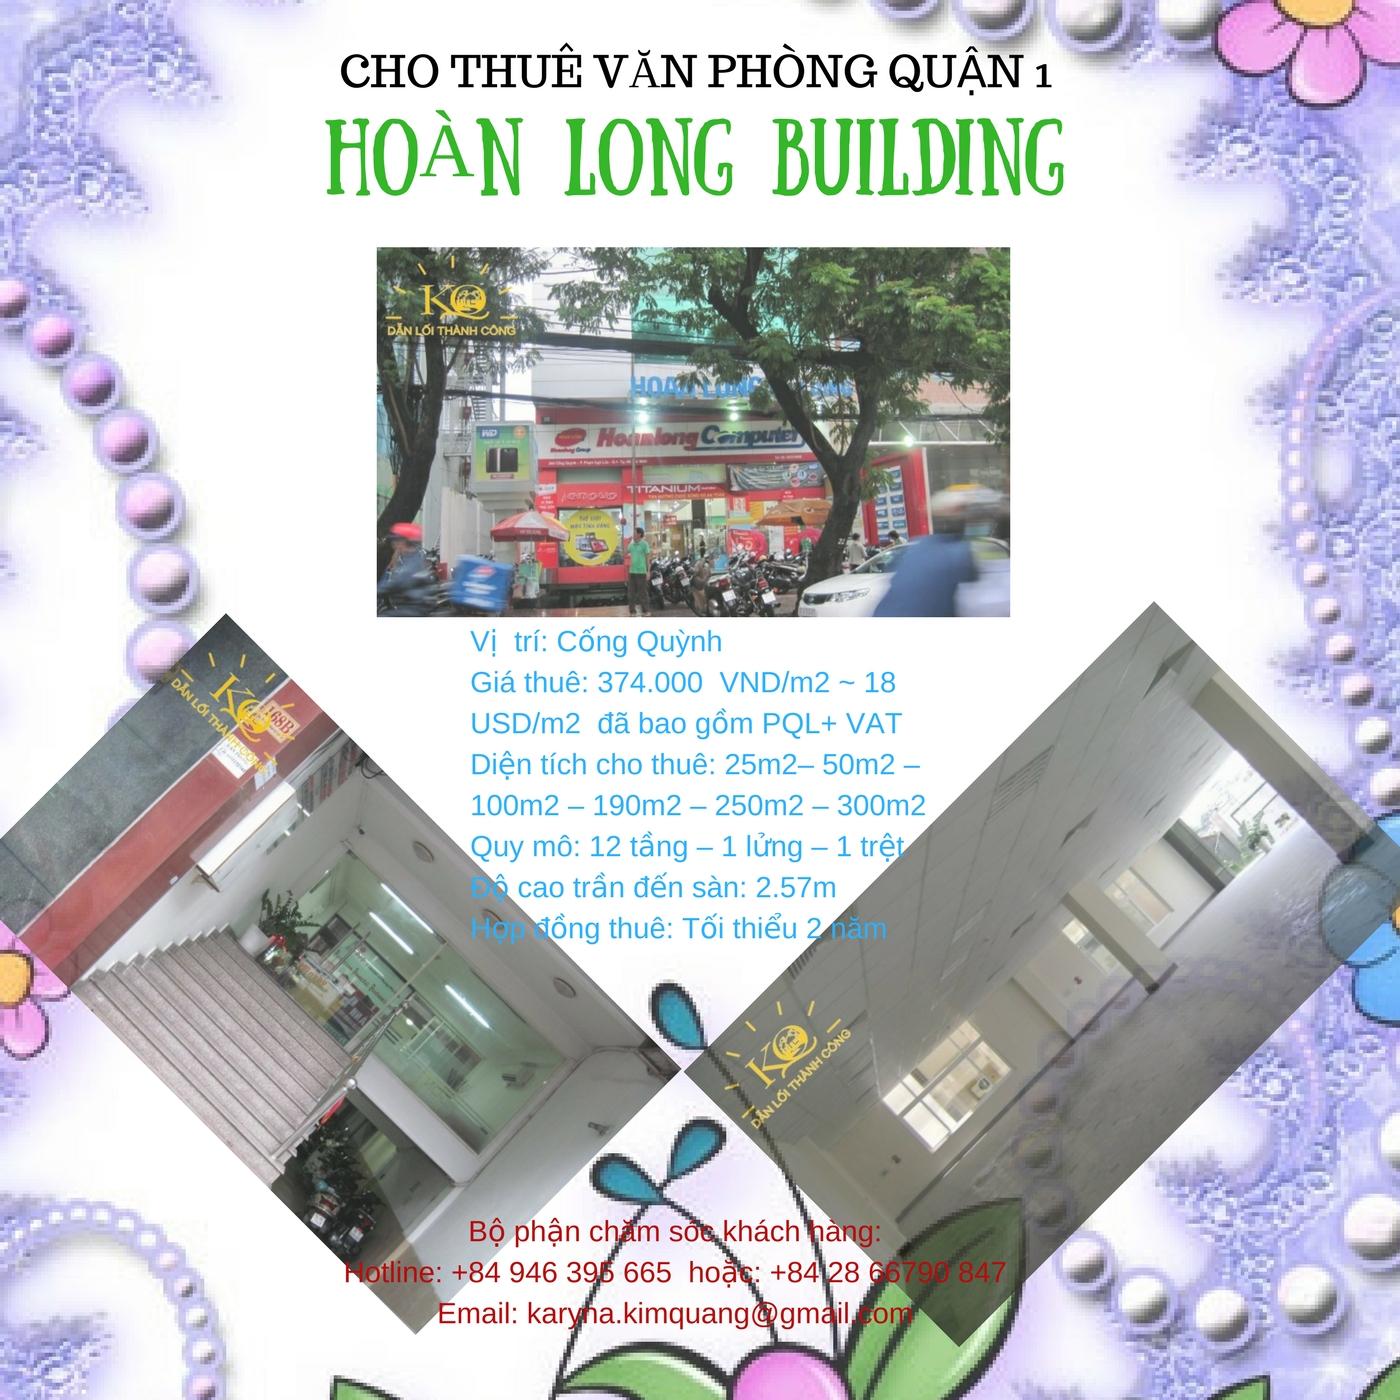 [Hình: cho-thue-van-phong-hoan-long-building-quan-1%2B.jpg]